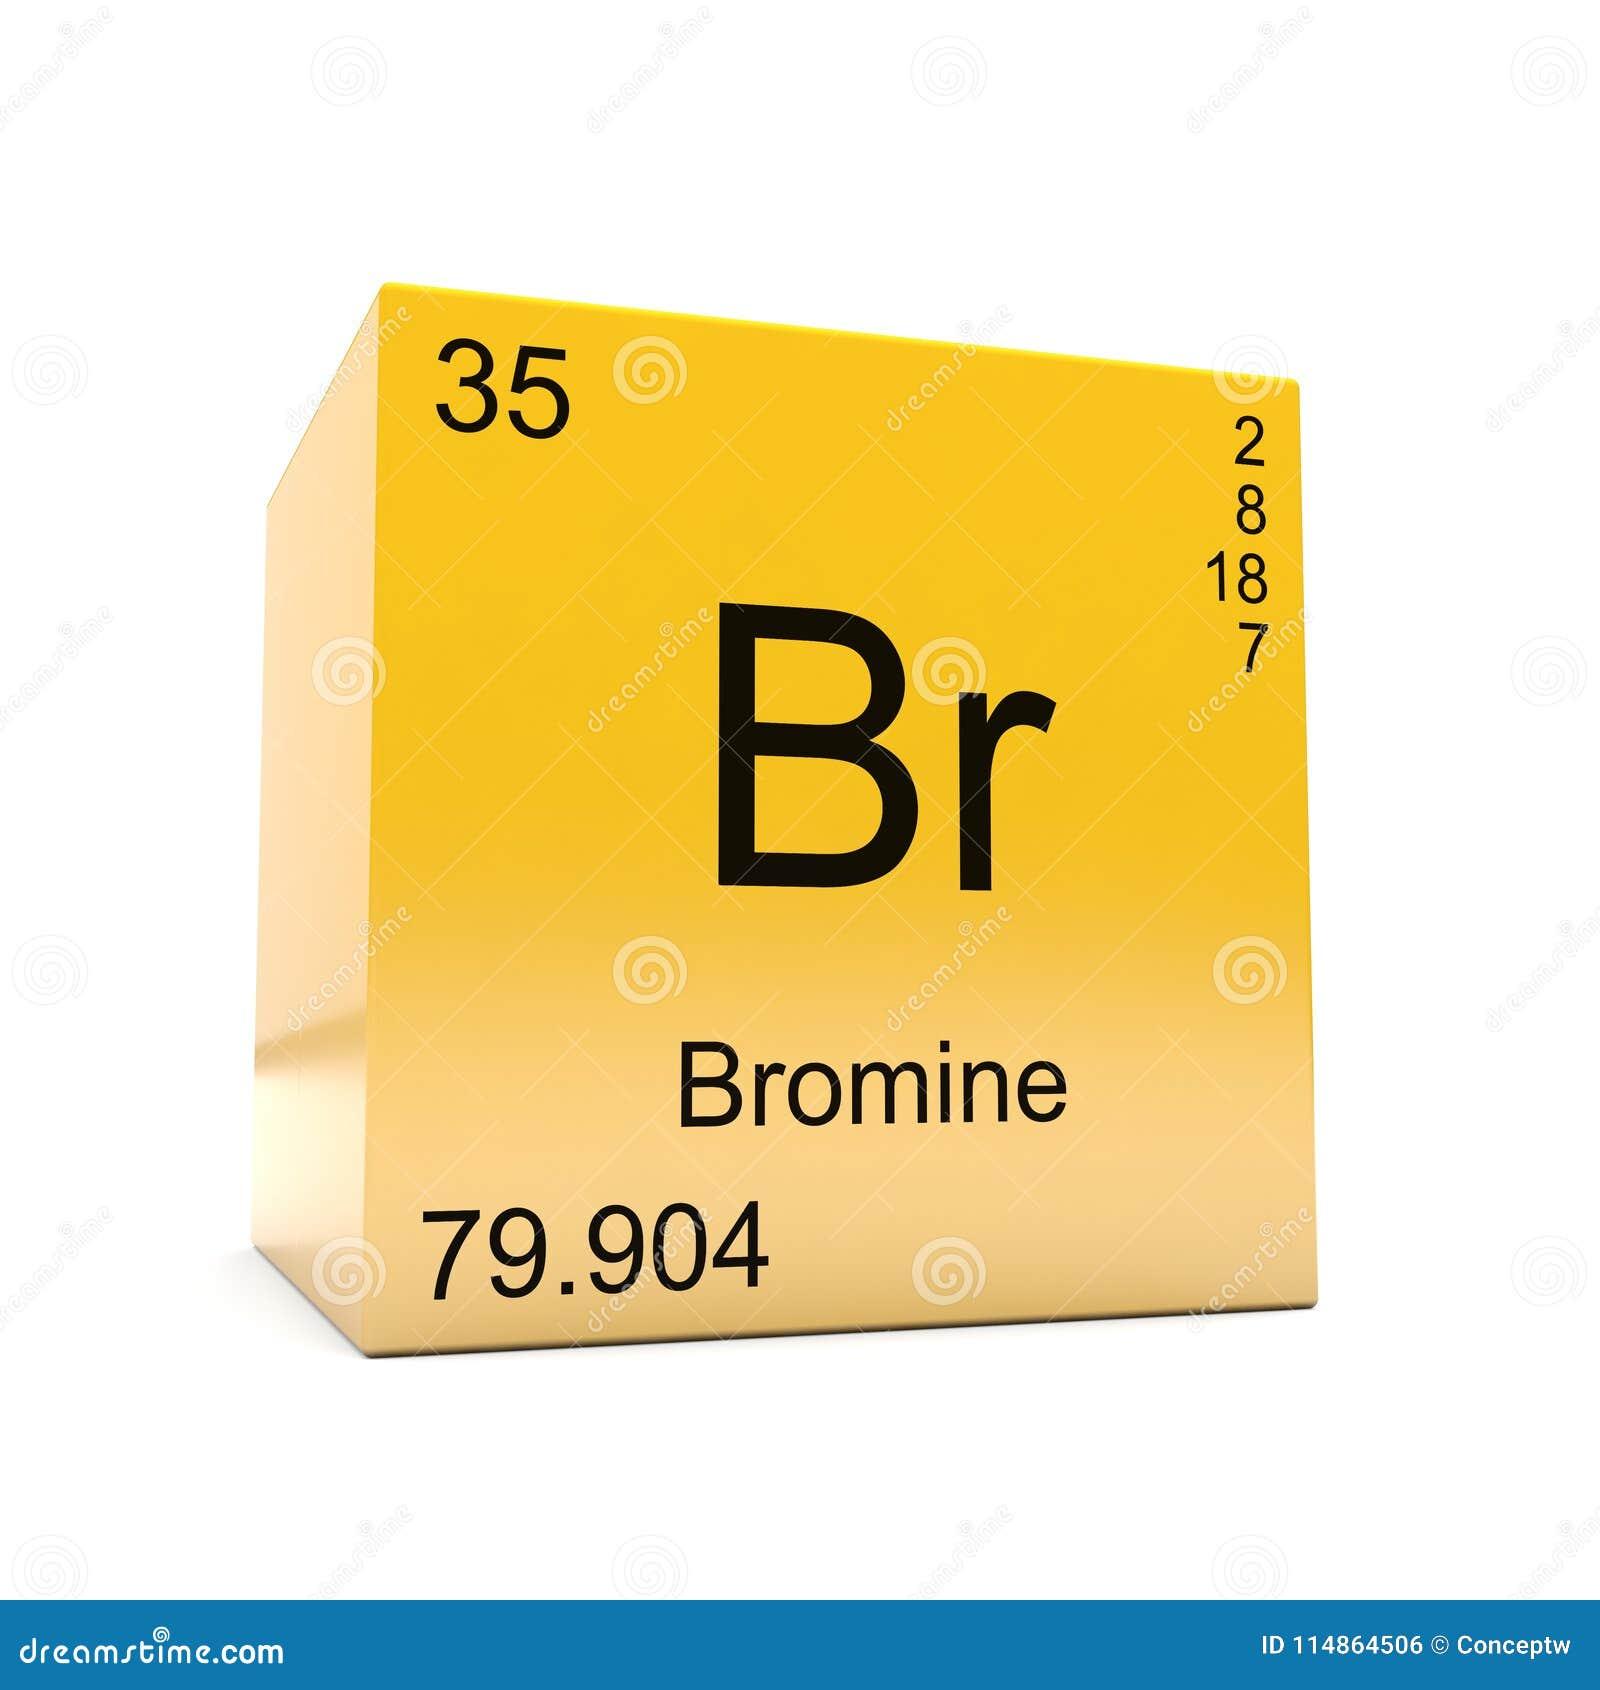 Smbolo del elemento qumico del bromo de la tabla peridica stock download smbolo del elemento qumico del bromo de la tabla peridica stock de ilustracin ilustracin urtaz Images